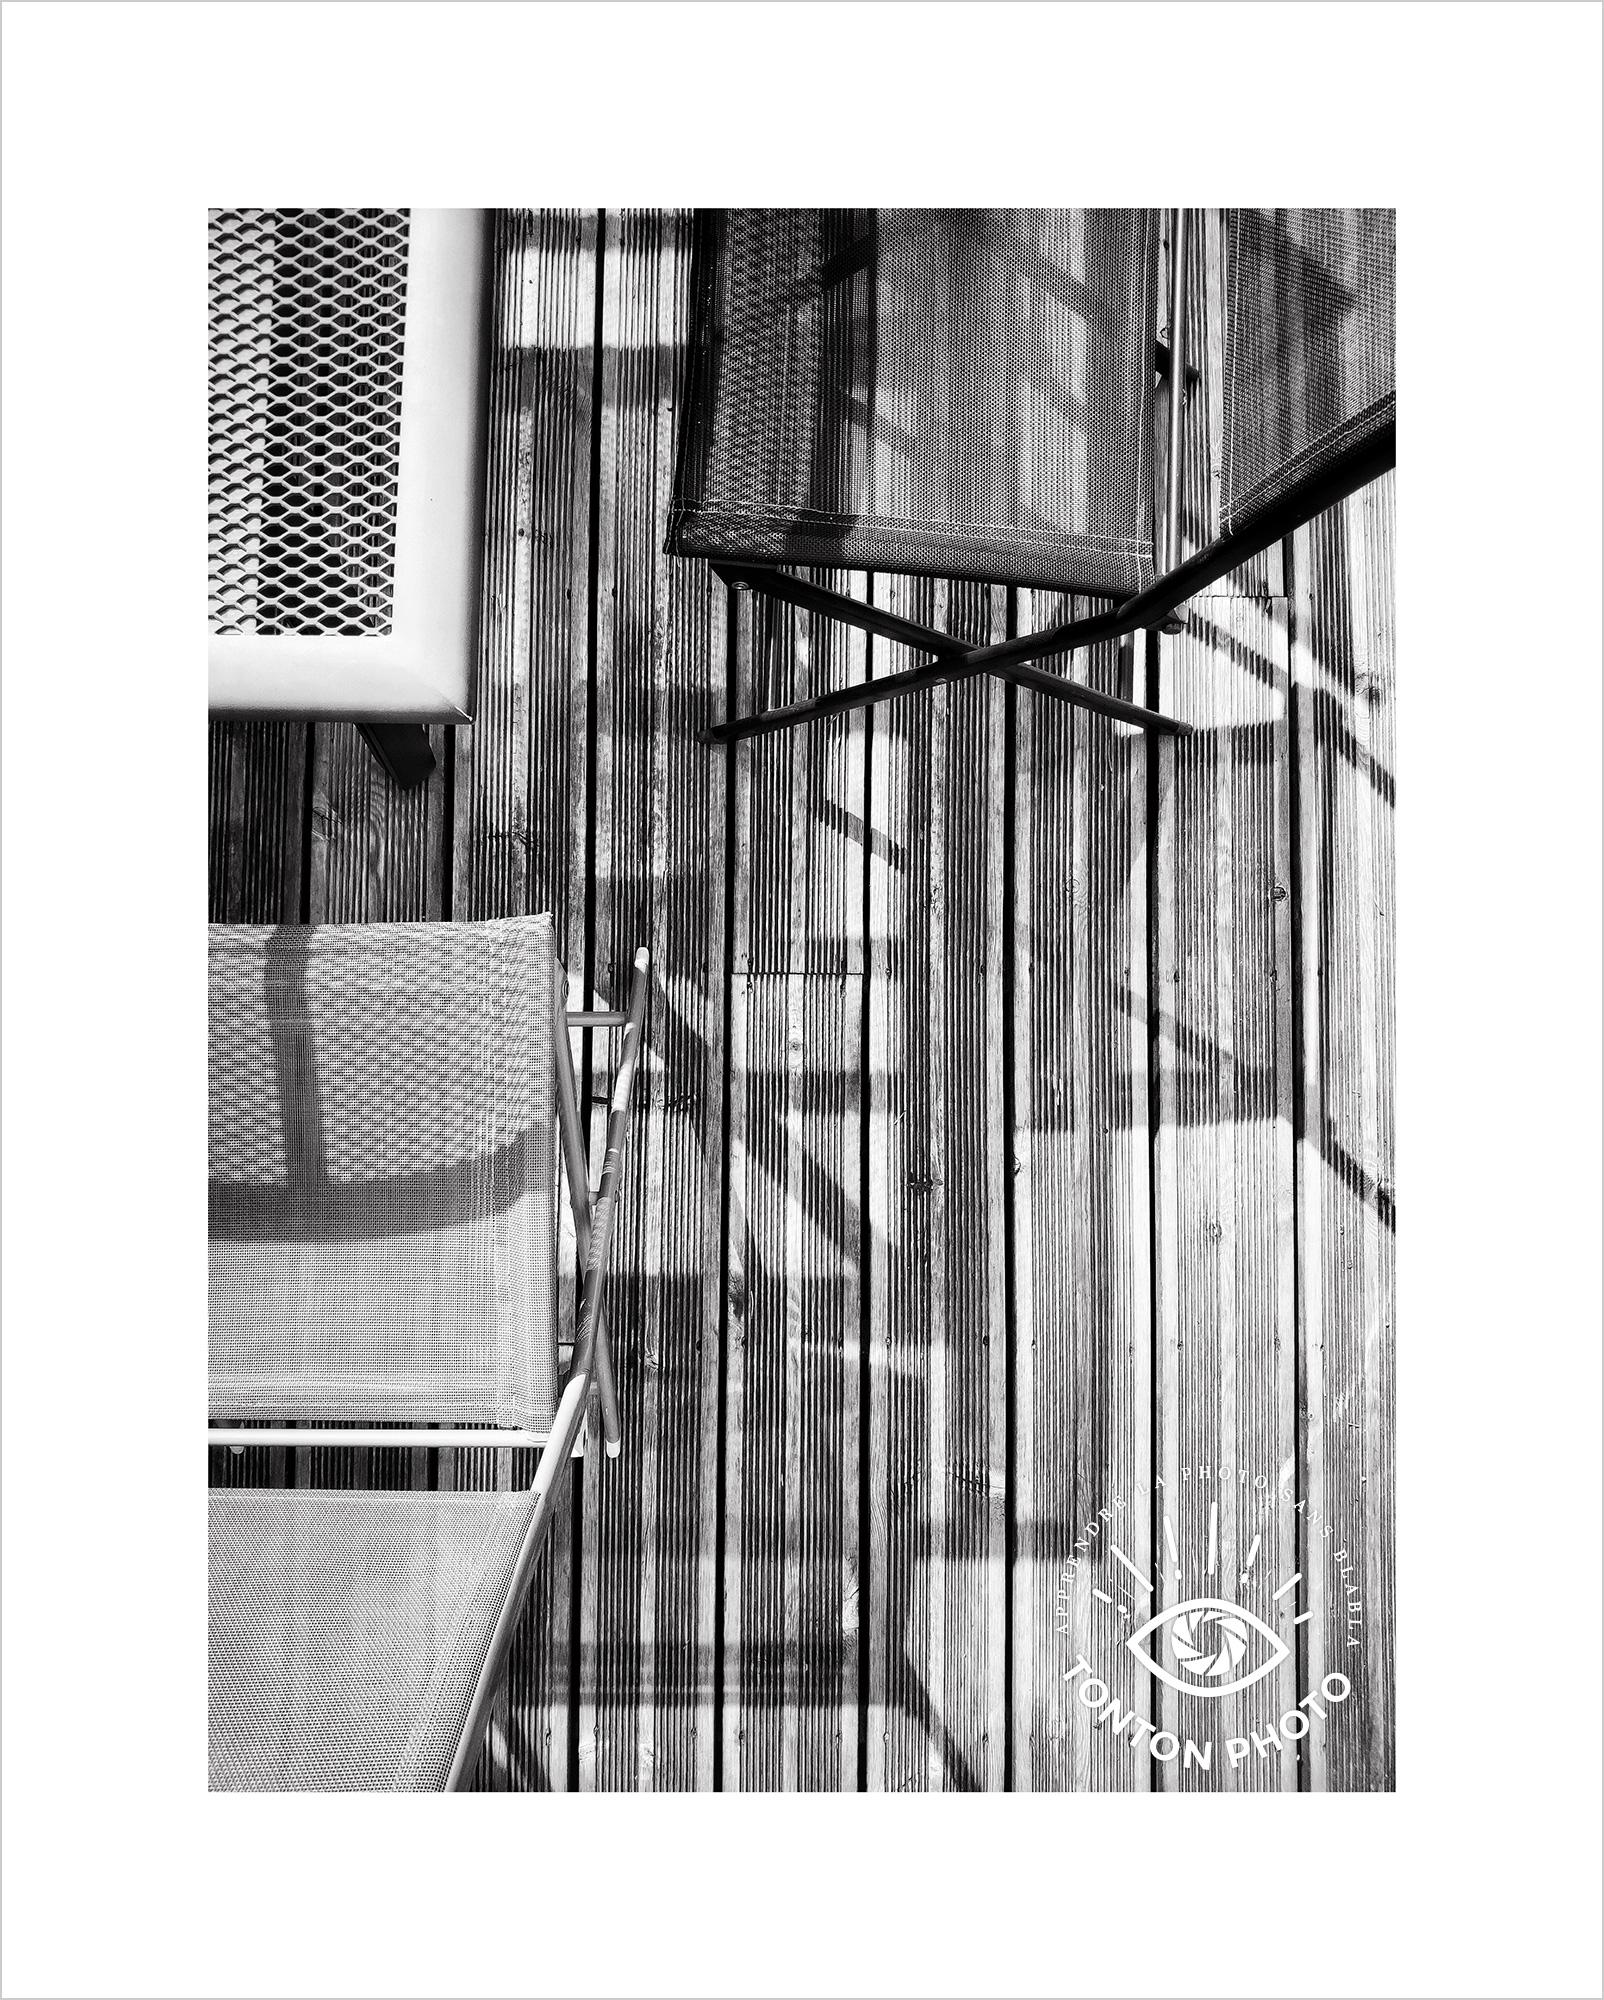 Jeu d'ombre et de lumière en terrasse. Photo prise au smartphone Xiaomi Mi Mix 3 © Tonton Photo